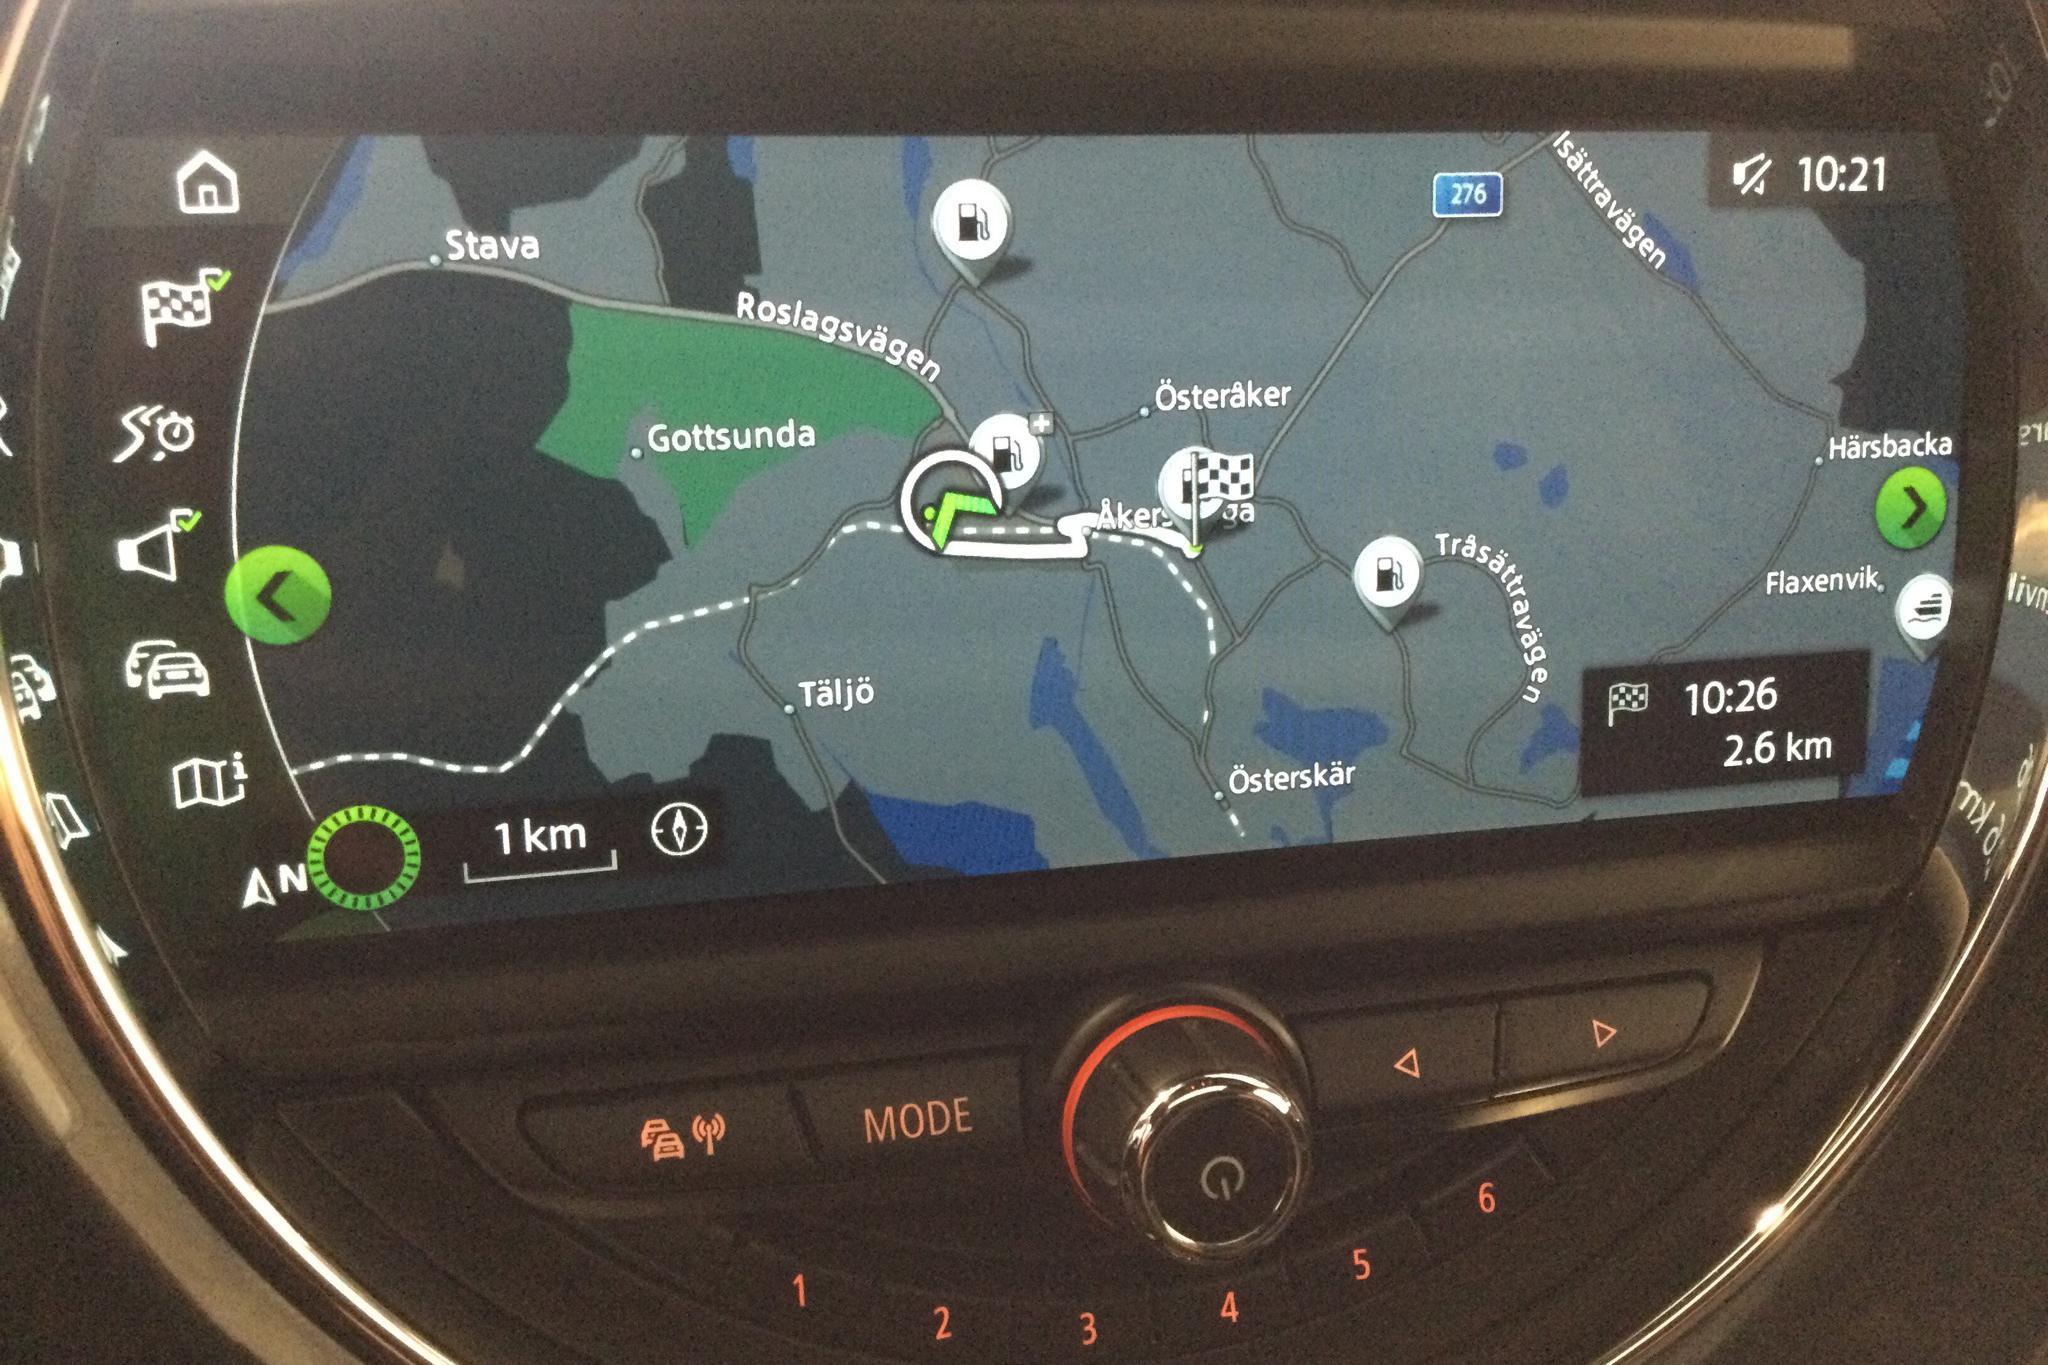 MINI Cooper S E ALL4 Countryman, F60 (224hk) - 98 140 km - Automatic - red - 2018